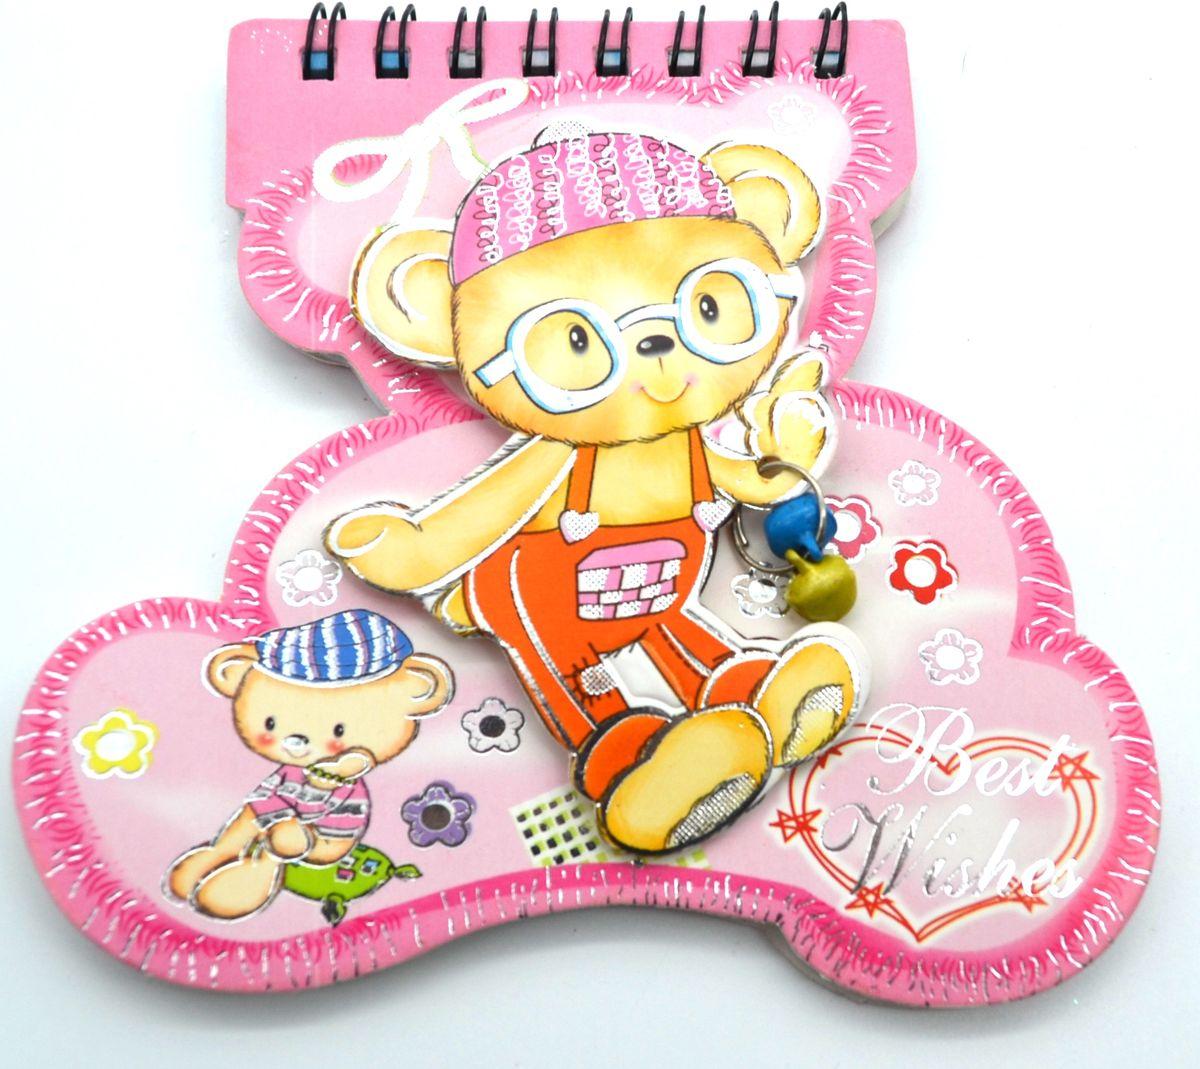 Карамба Блокнот Мишка с бубенчиками 48 листов в линейку цвет розовый 3564 карамба блокнот fruit цвет красный 144 листа